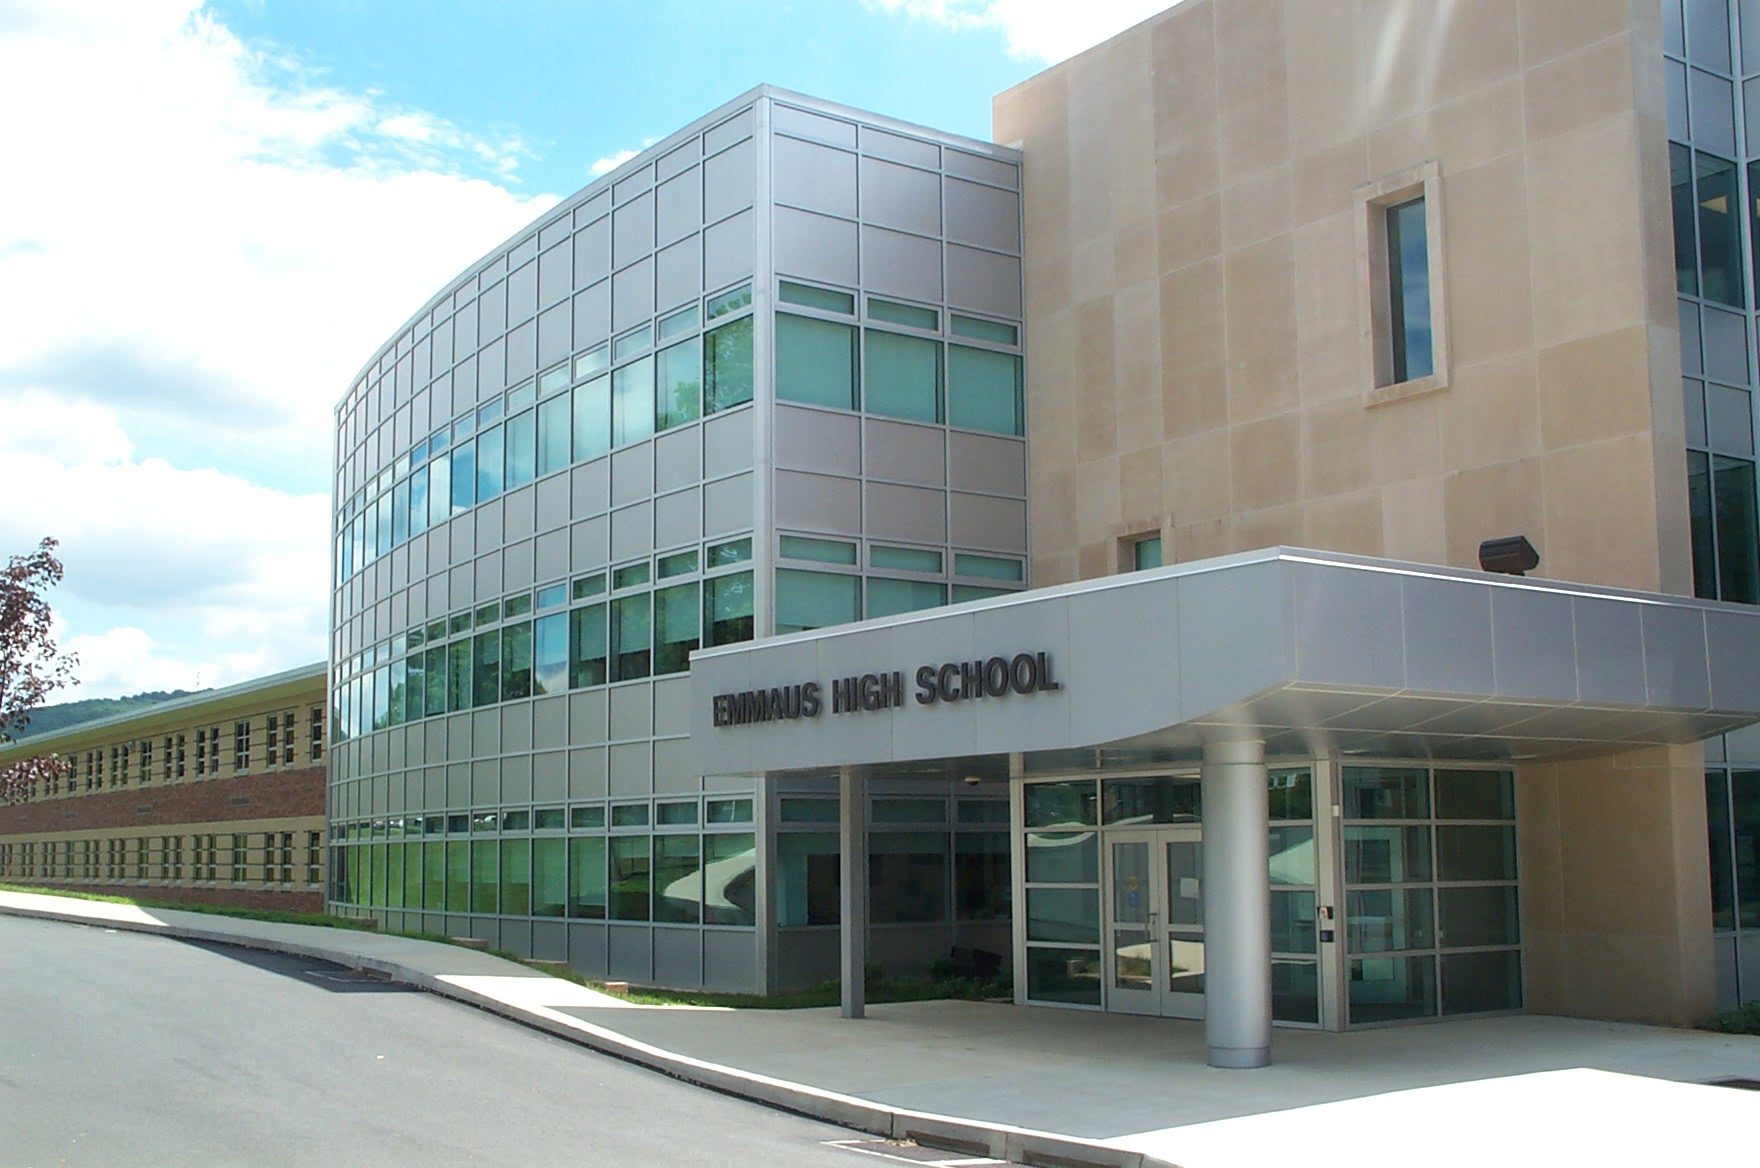 Emmaus High School, East Penn School District